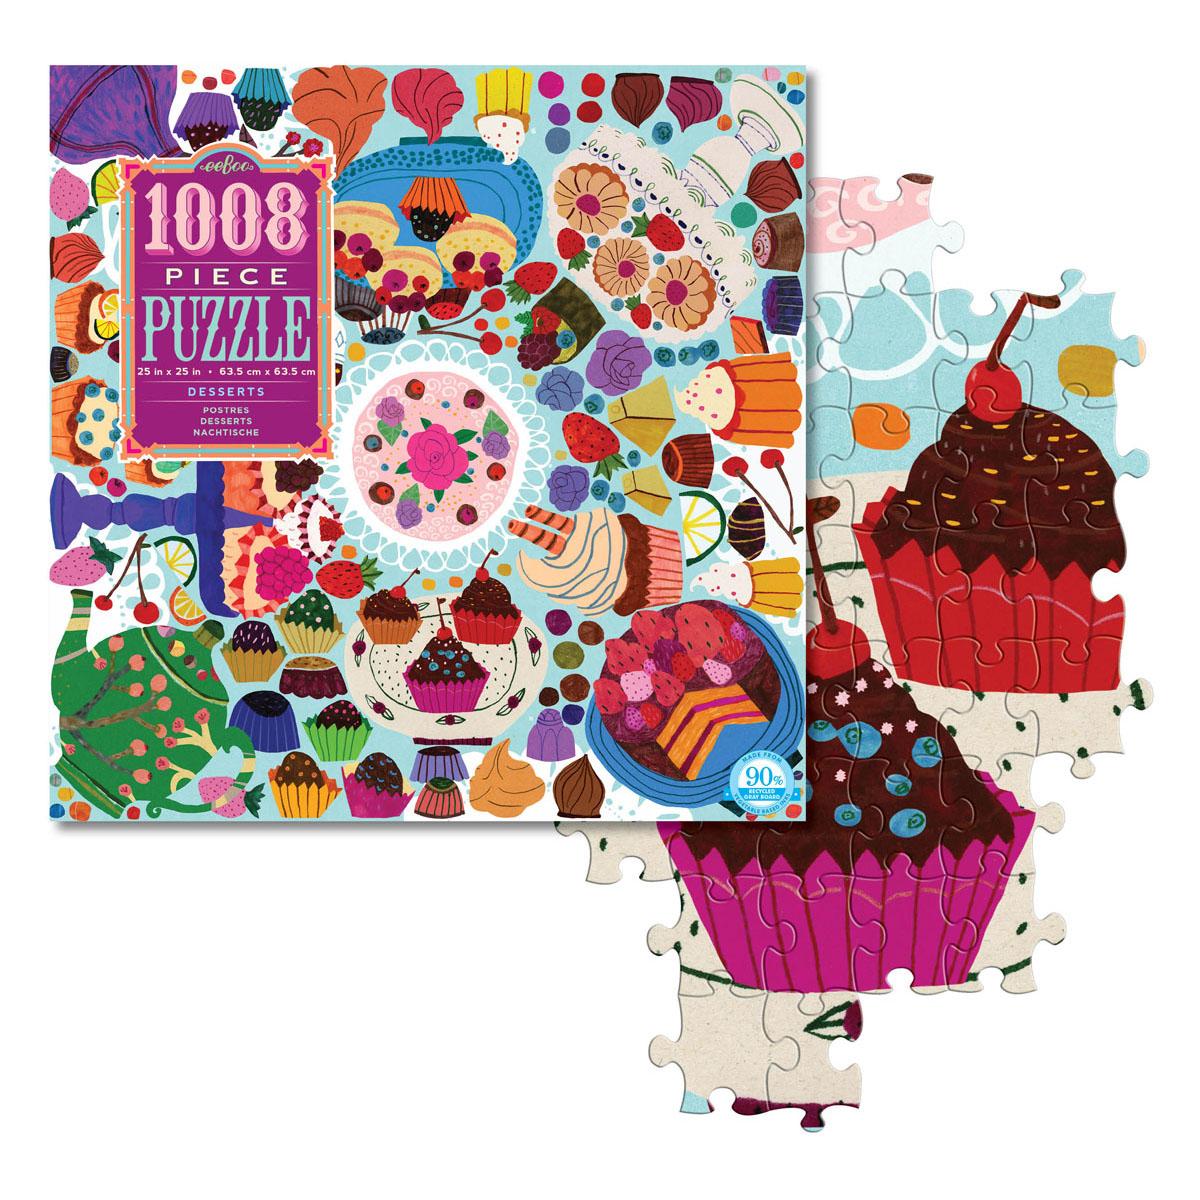 1008ピース・ファミリーパズル ニューヨークのパティスリー